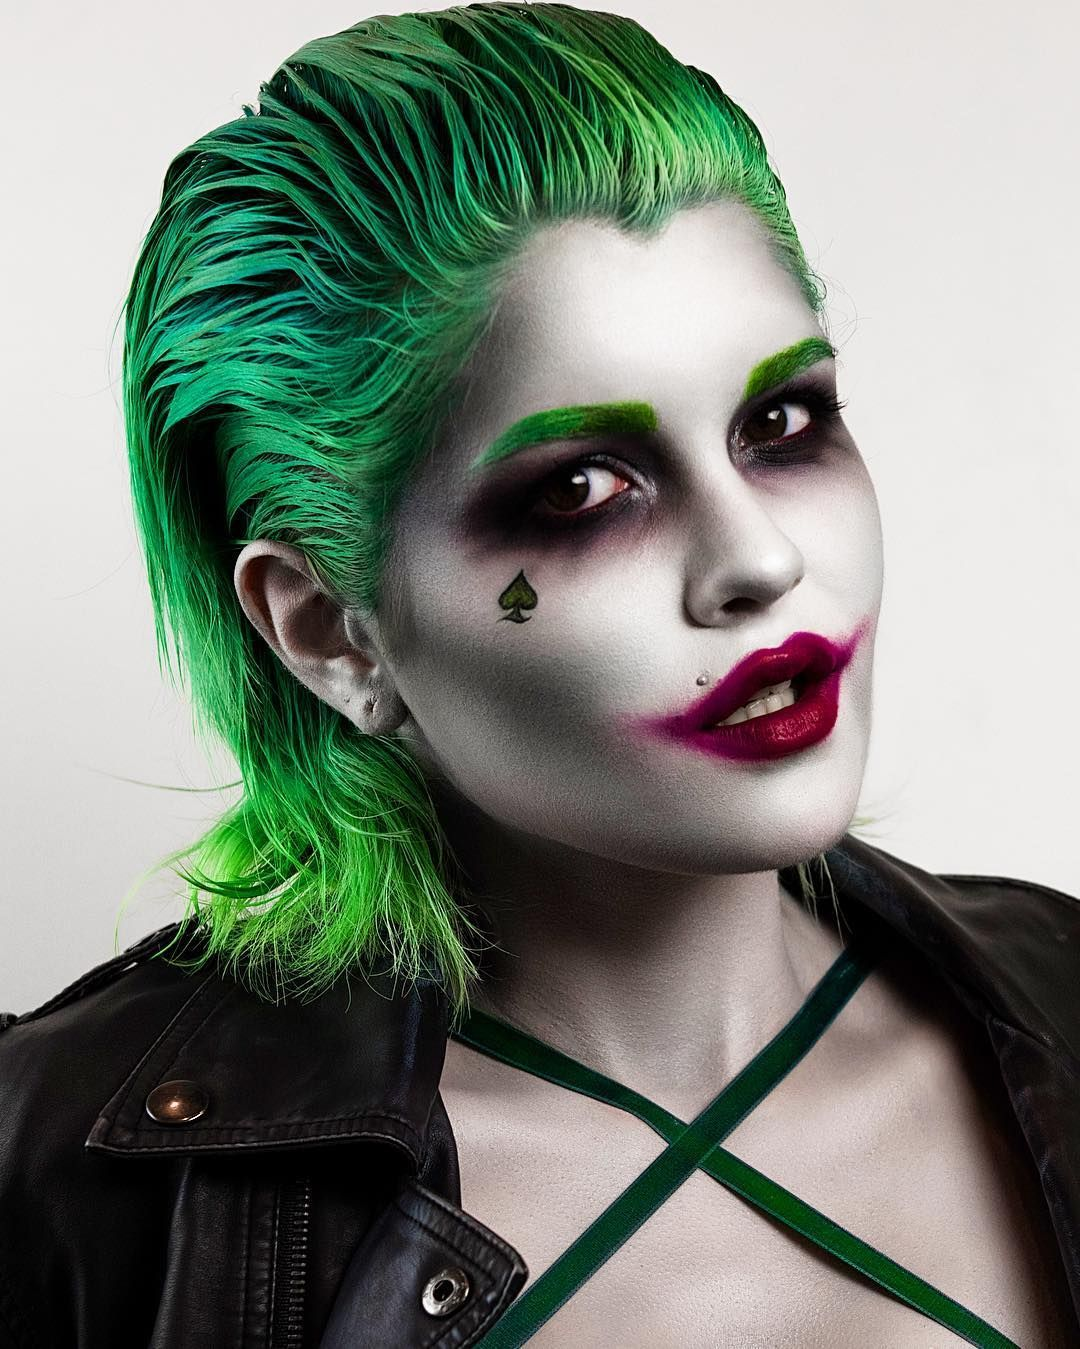 The Lady Joker - YouTube   Lady Joker